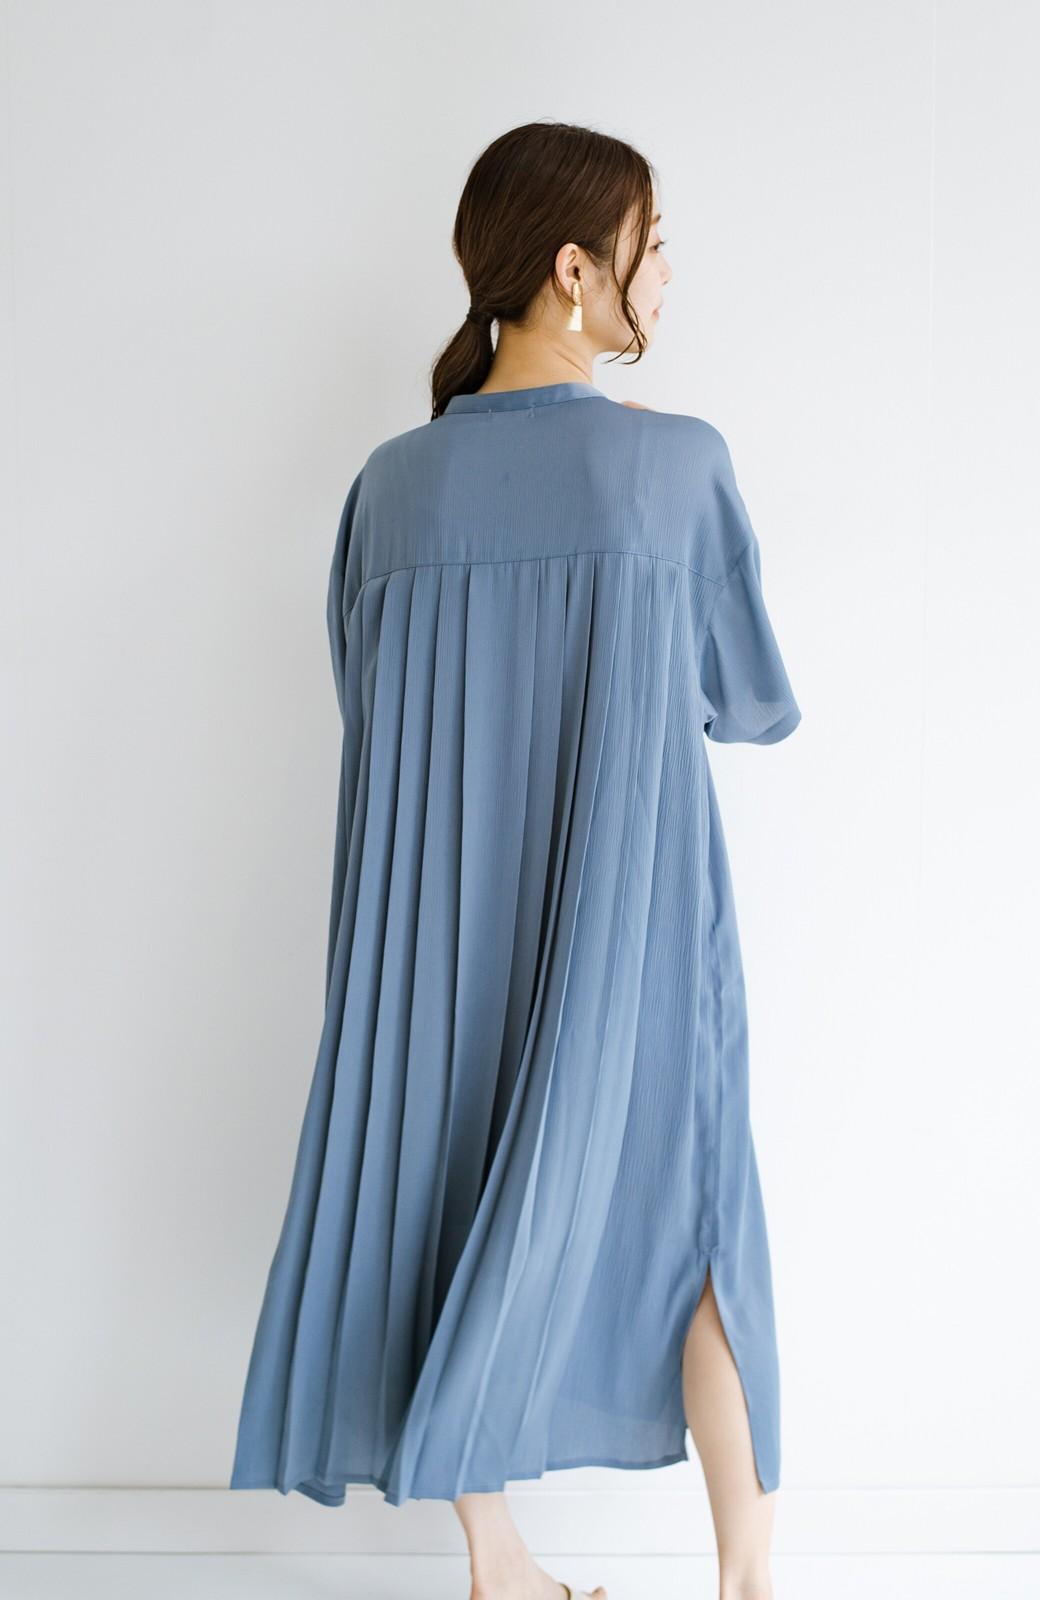 haco! 羽織としてもワンピースとしても着られちゃう 後ろ姿まで抜かりなくかわいいプリーツワンピース <ブルー>の商品写真2